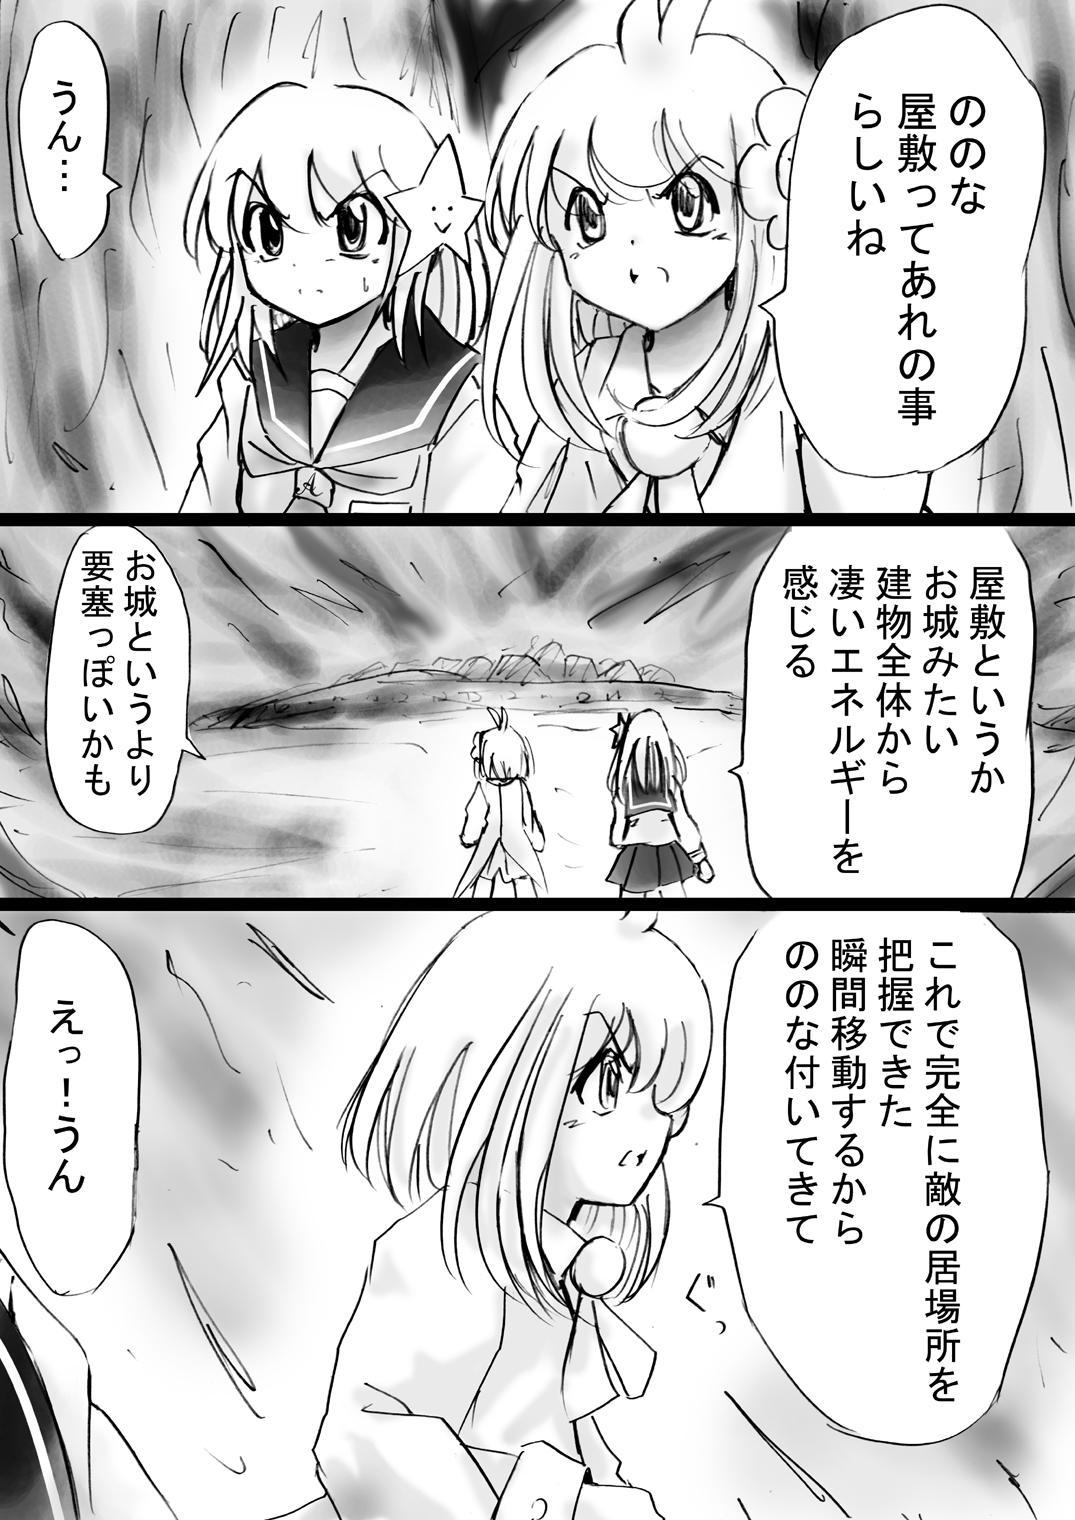 [Dende] Fushigi Sekai -Mystery World- no Nona 17 ~ Taiketsu Fujimi no Dai Inma Dakurasu, Kanzen Sekka no Kyoufu 28